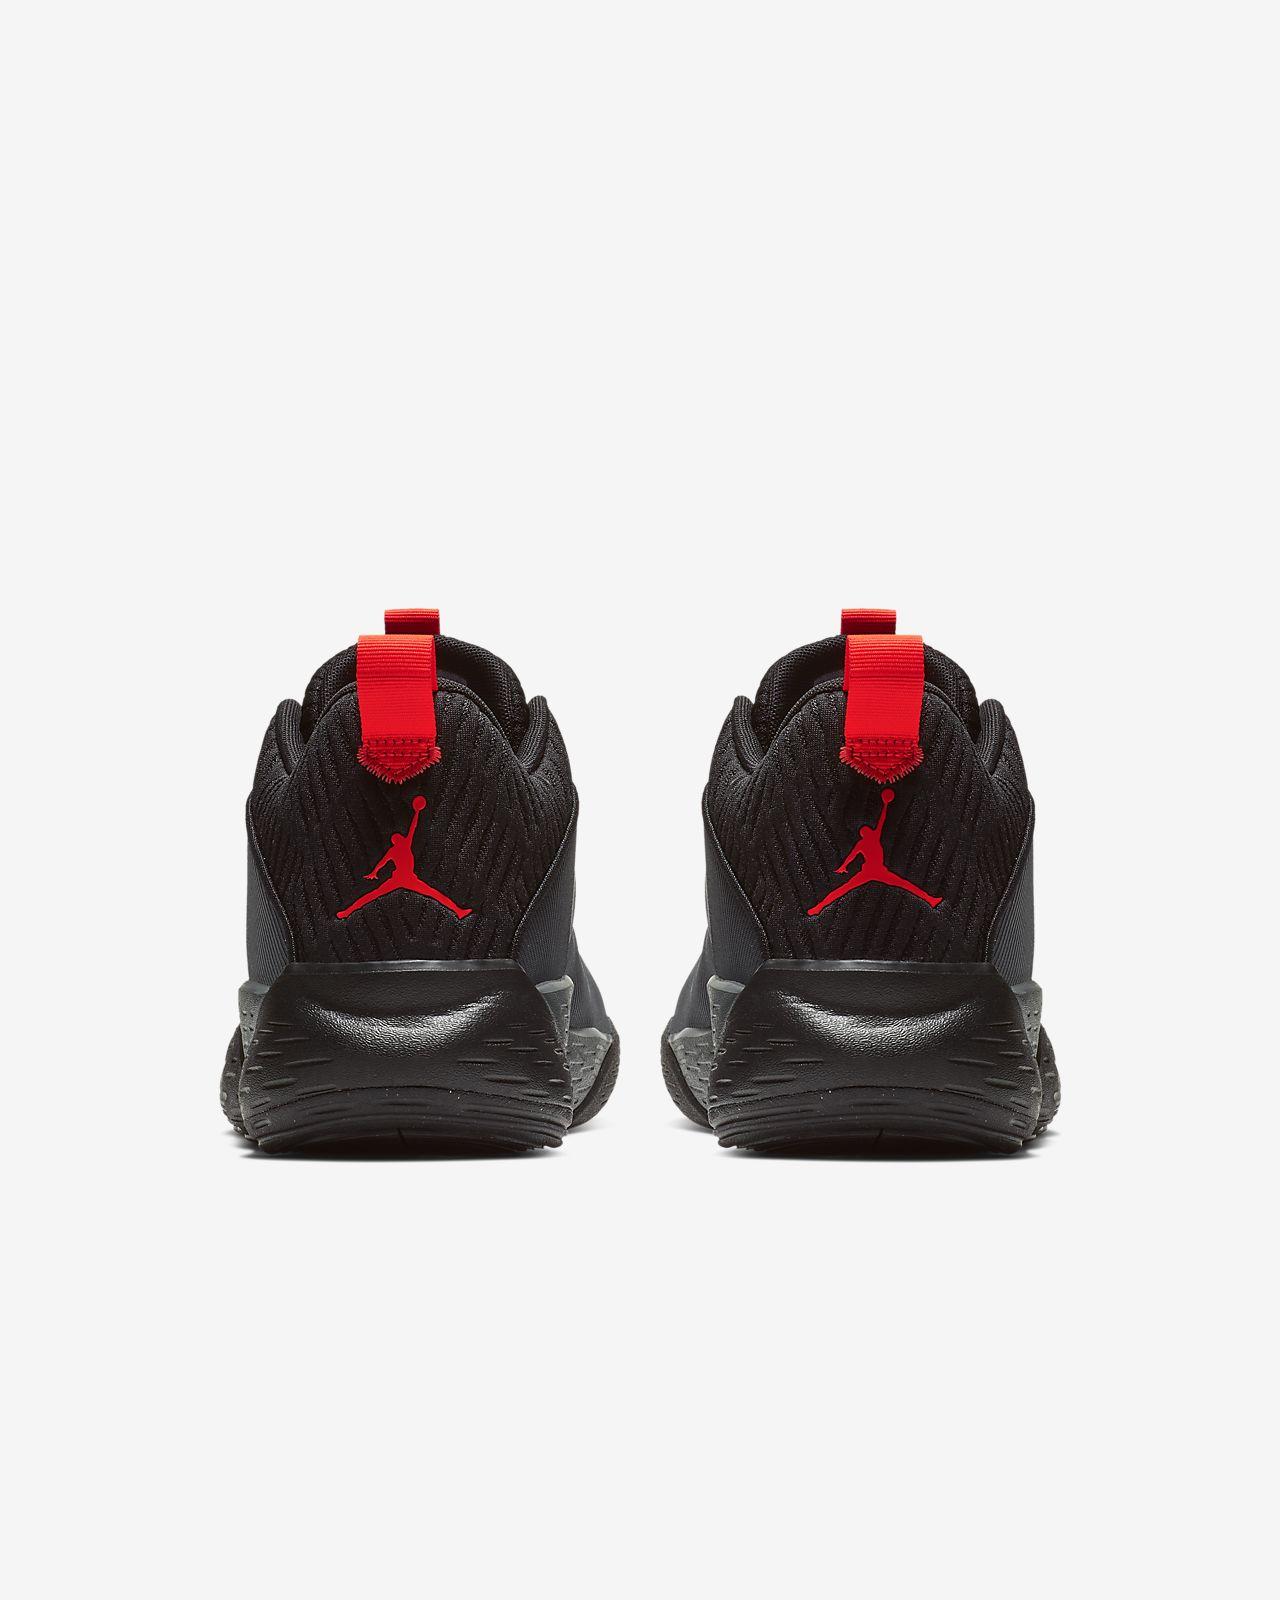 new styles fc089 593e4 Męskie buty do koszykówki Jordan Super.Fly MVP Low. Nike.com PL